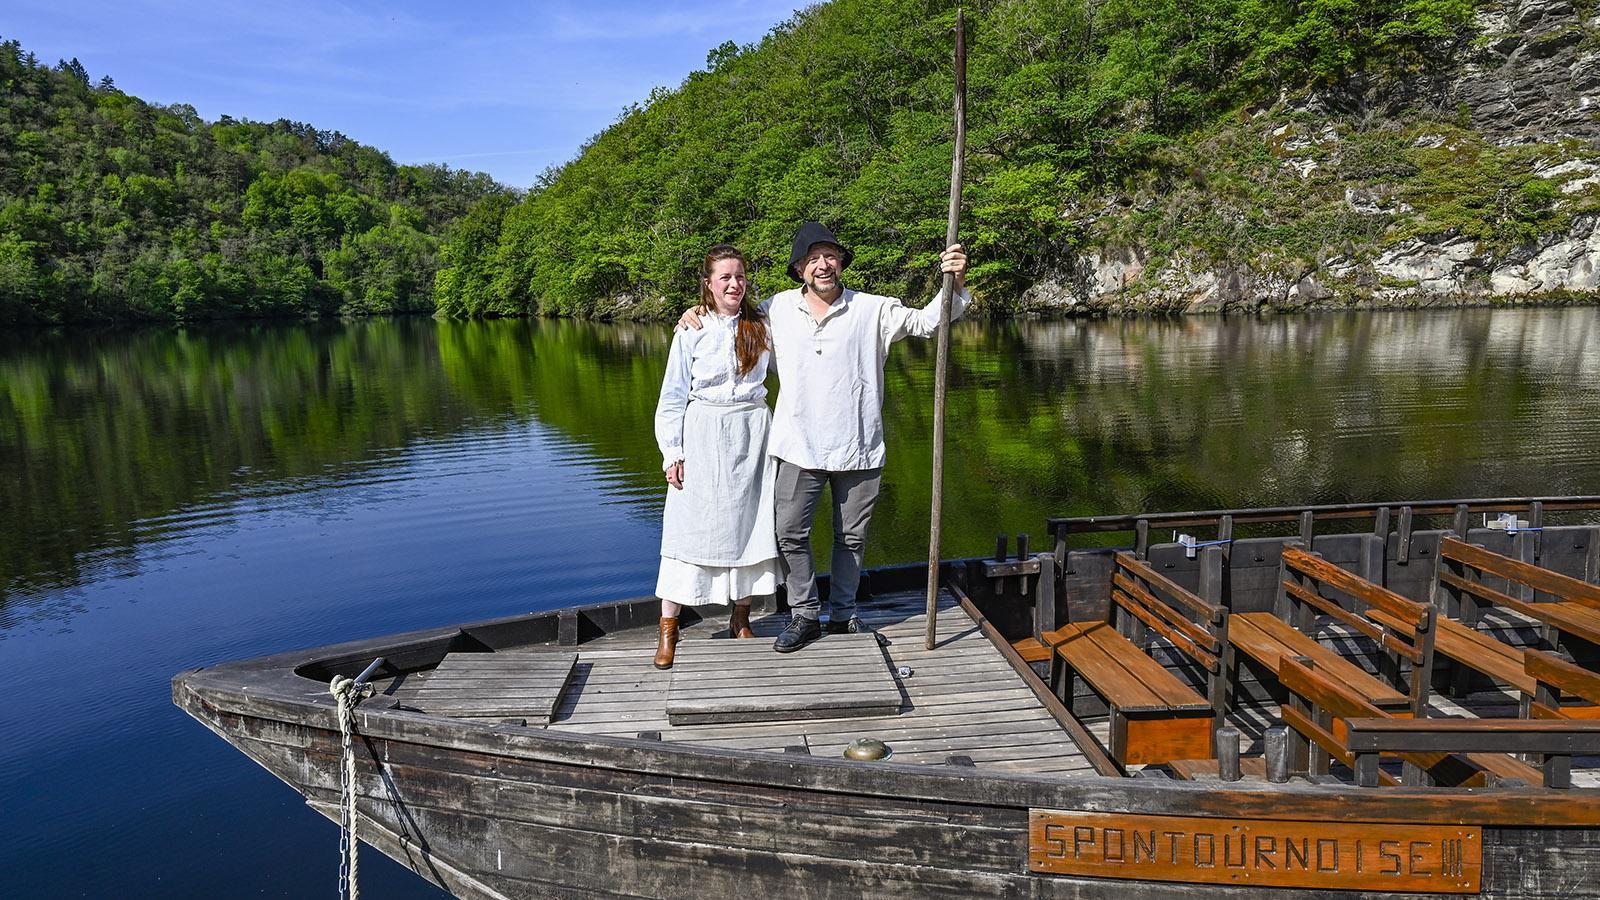 Marion Lassaigne und Ugo Broussot an Bord einer Garbarre. Foto: Hilke Maunder